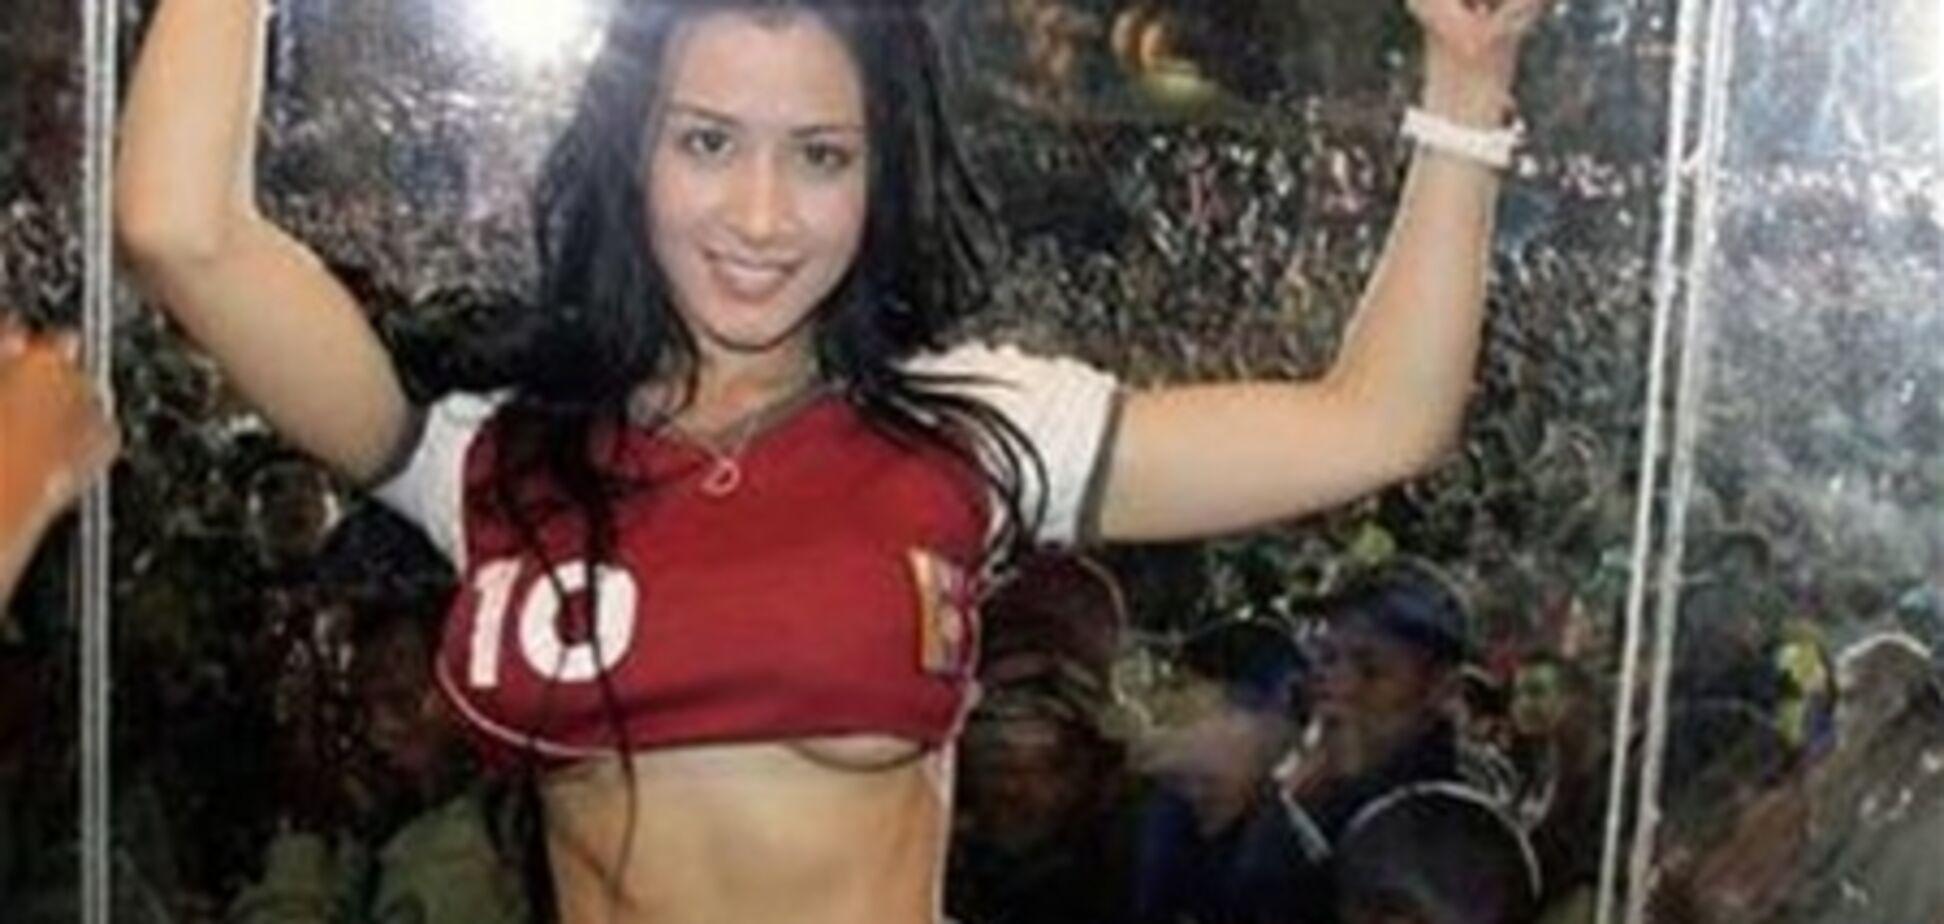 Певица устроила стриптиз в честь победы футбольной сборной. Фото